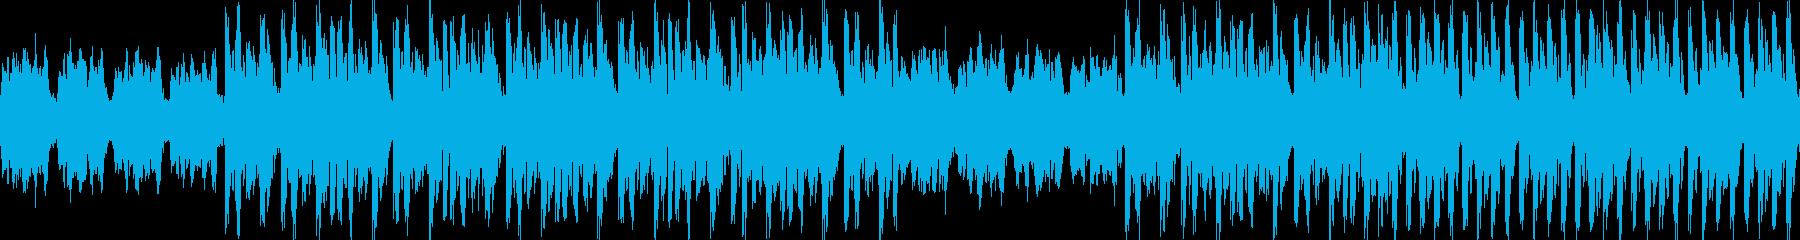 不穏な雰囲気のアルペジオBGMの再生済みの波形